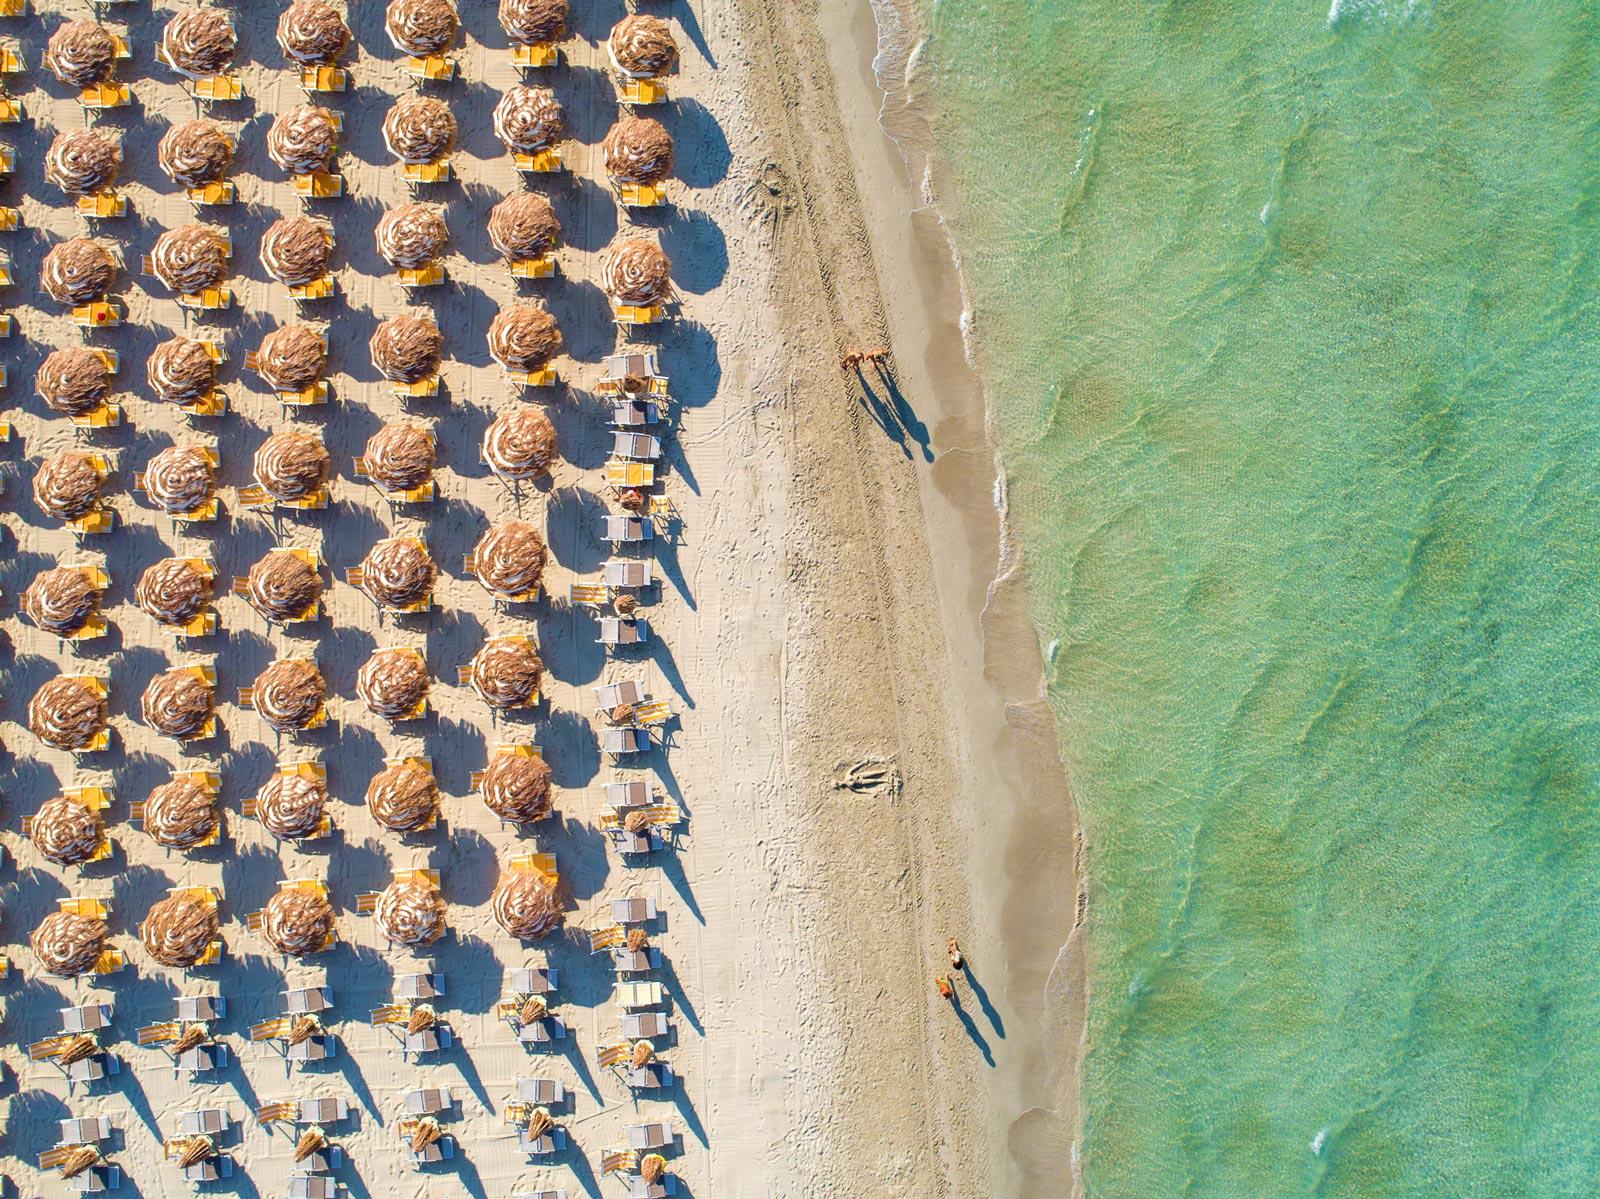 https://www.orlandinifrancesco.com/wp/wp-content/uploads/2019/02/Parco-dei-Principi-Viste-Drone-7.jpg